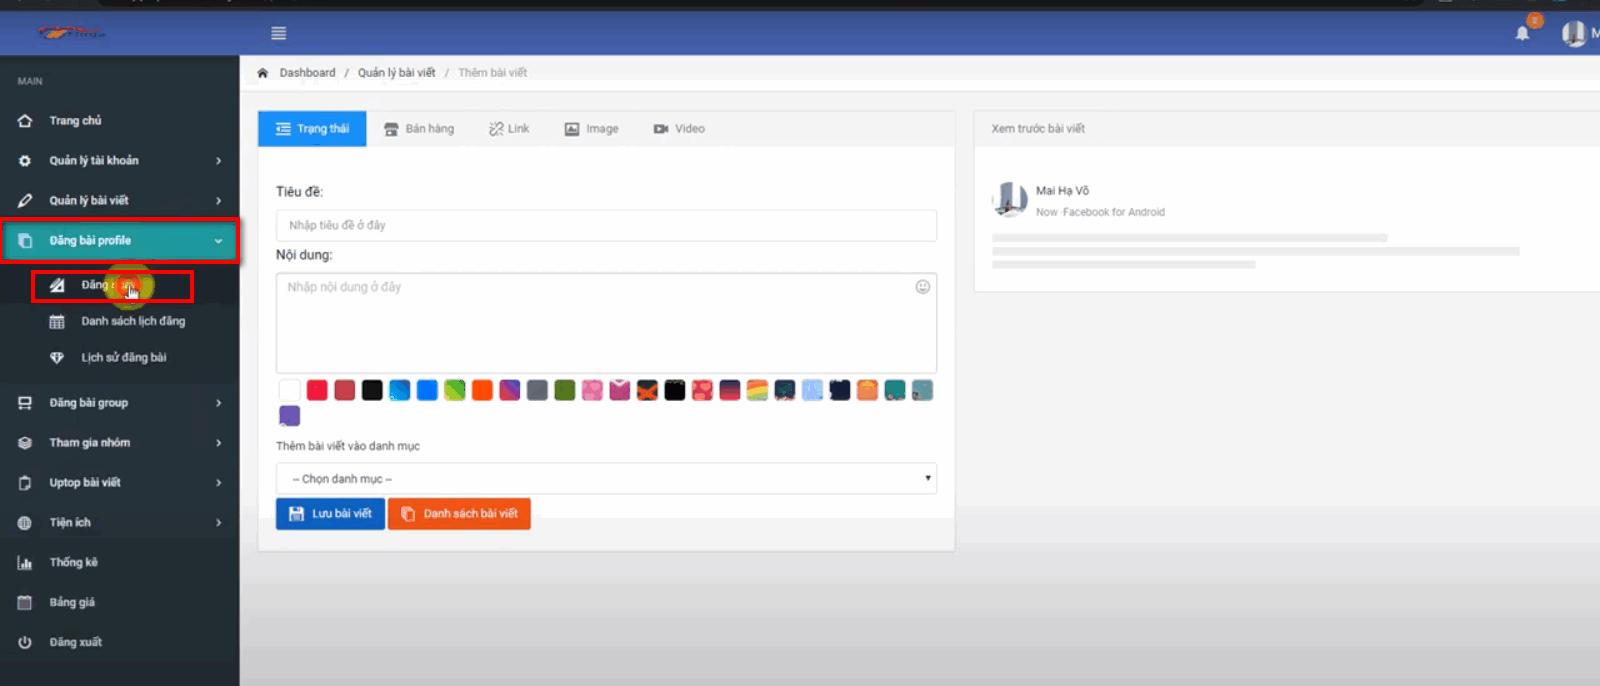 dang bai tu dong facebook 6 Hướng dẫn đăng bài tự động facebook lên Profile với Ninja Auto Post V2